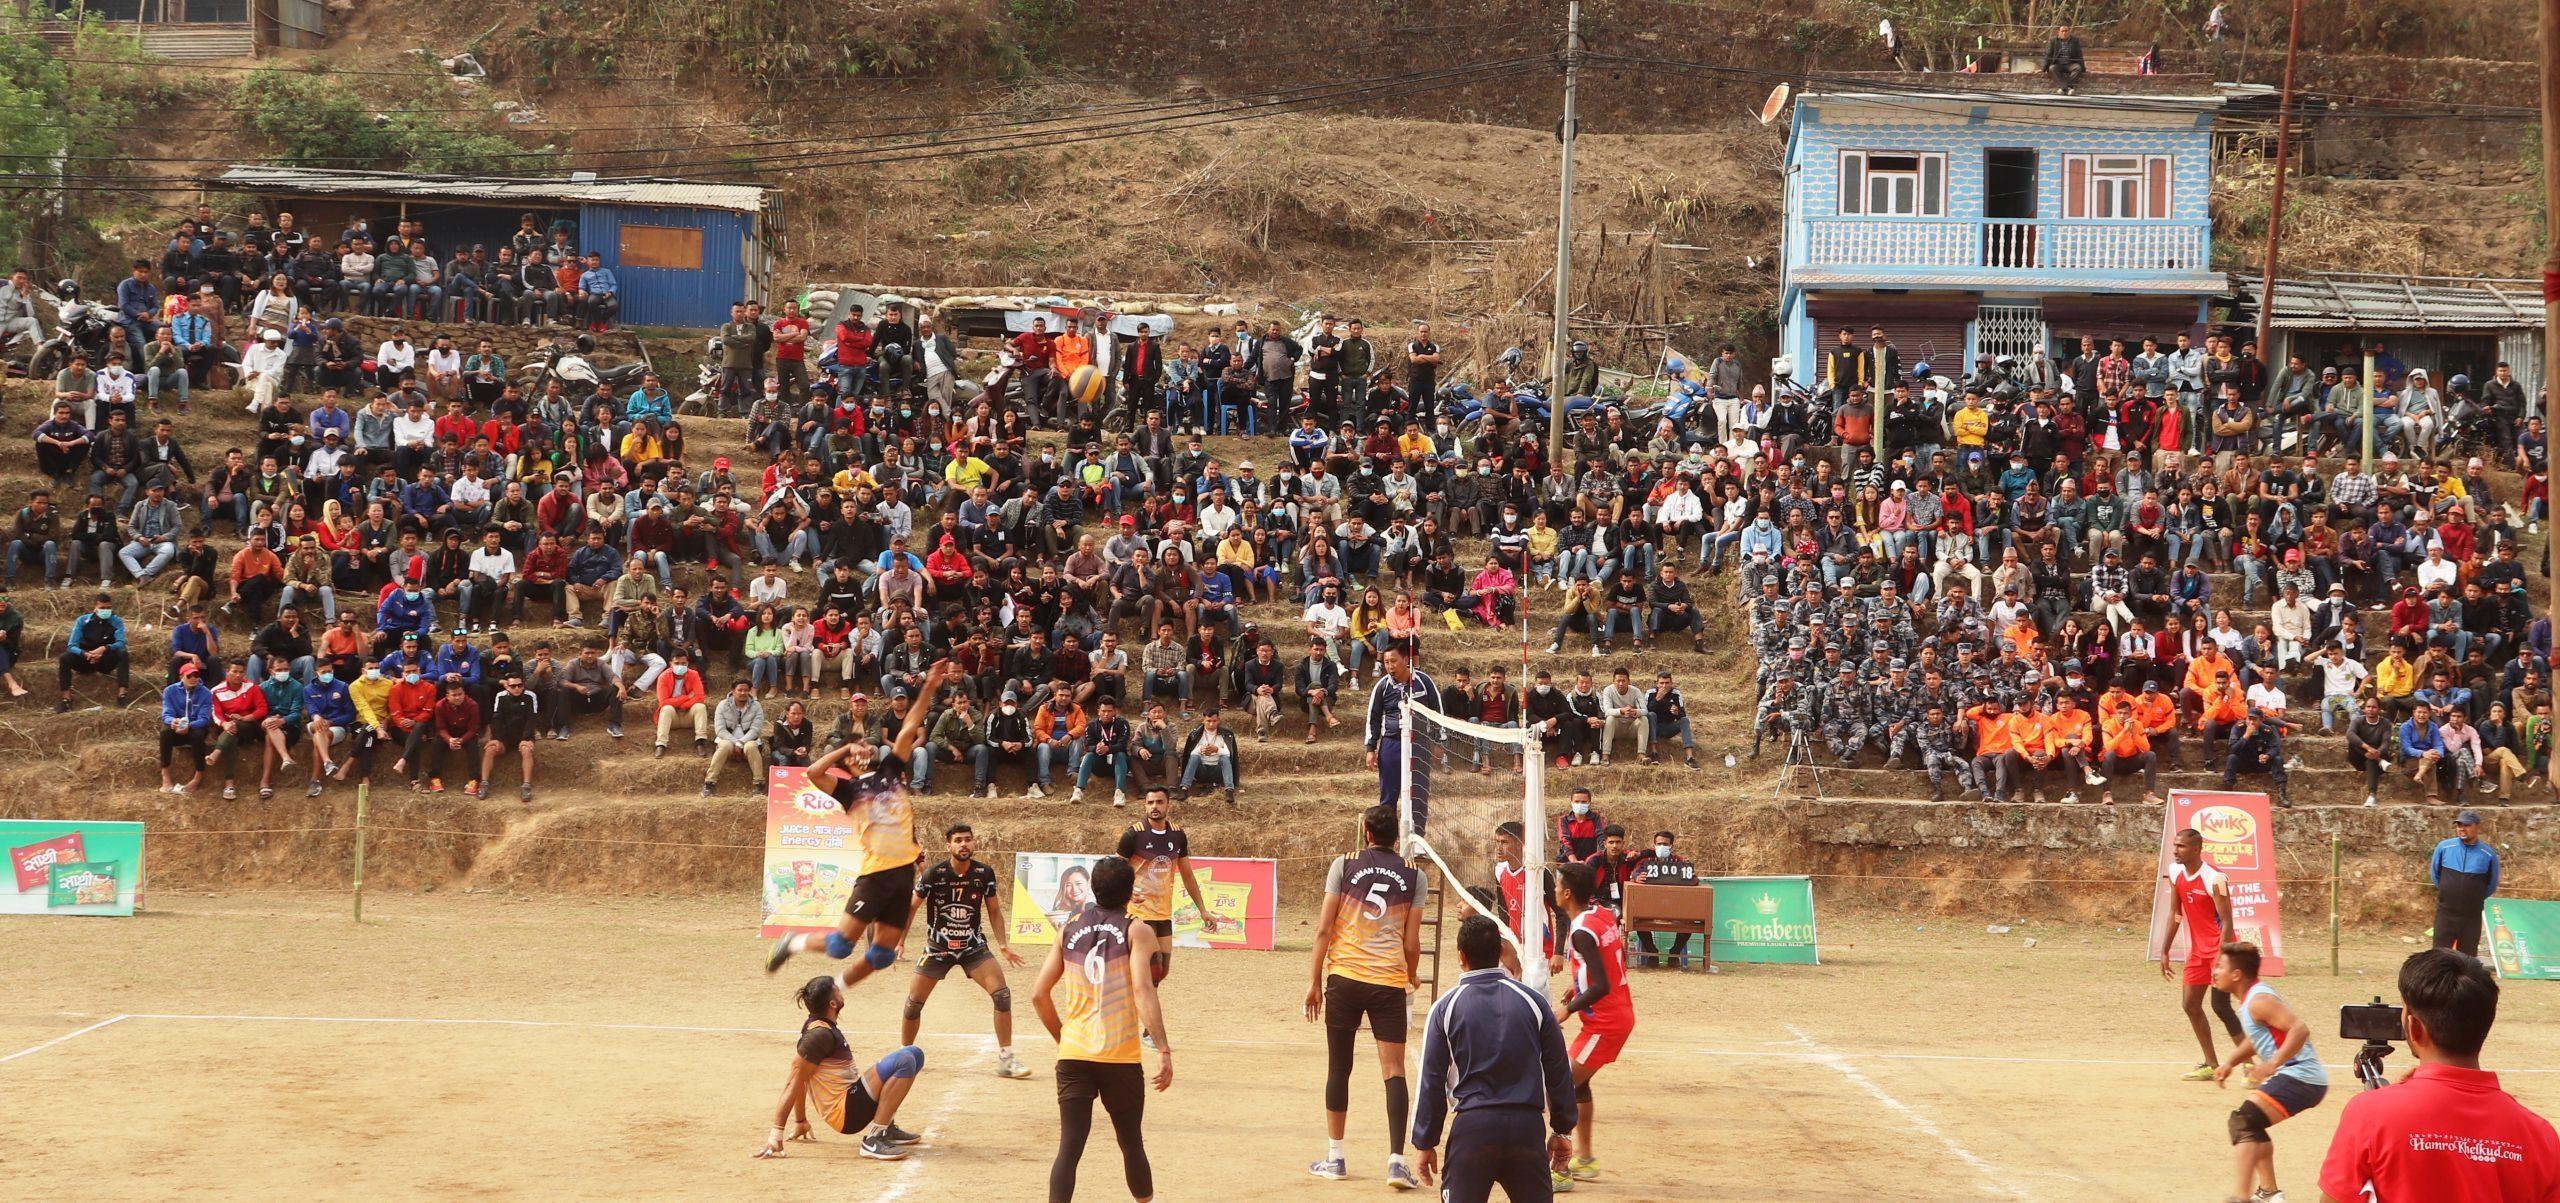 इलाममा जारी भलिबलमा डिफेण्डिङ्ग च्याम्पियन गण्डकी  पराजित , आर्मी र एपिएफ विजयी